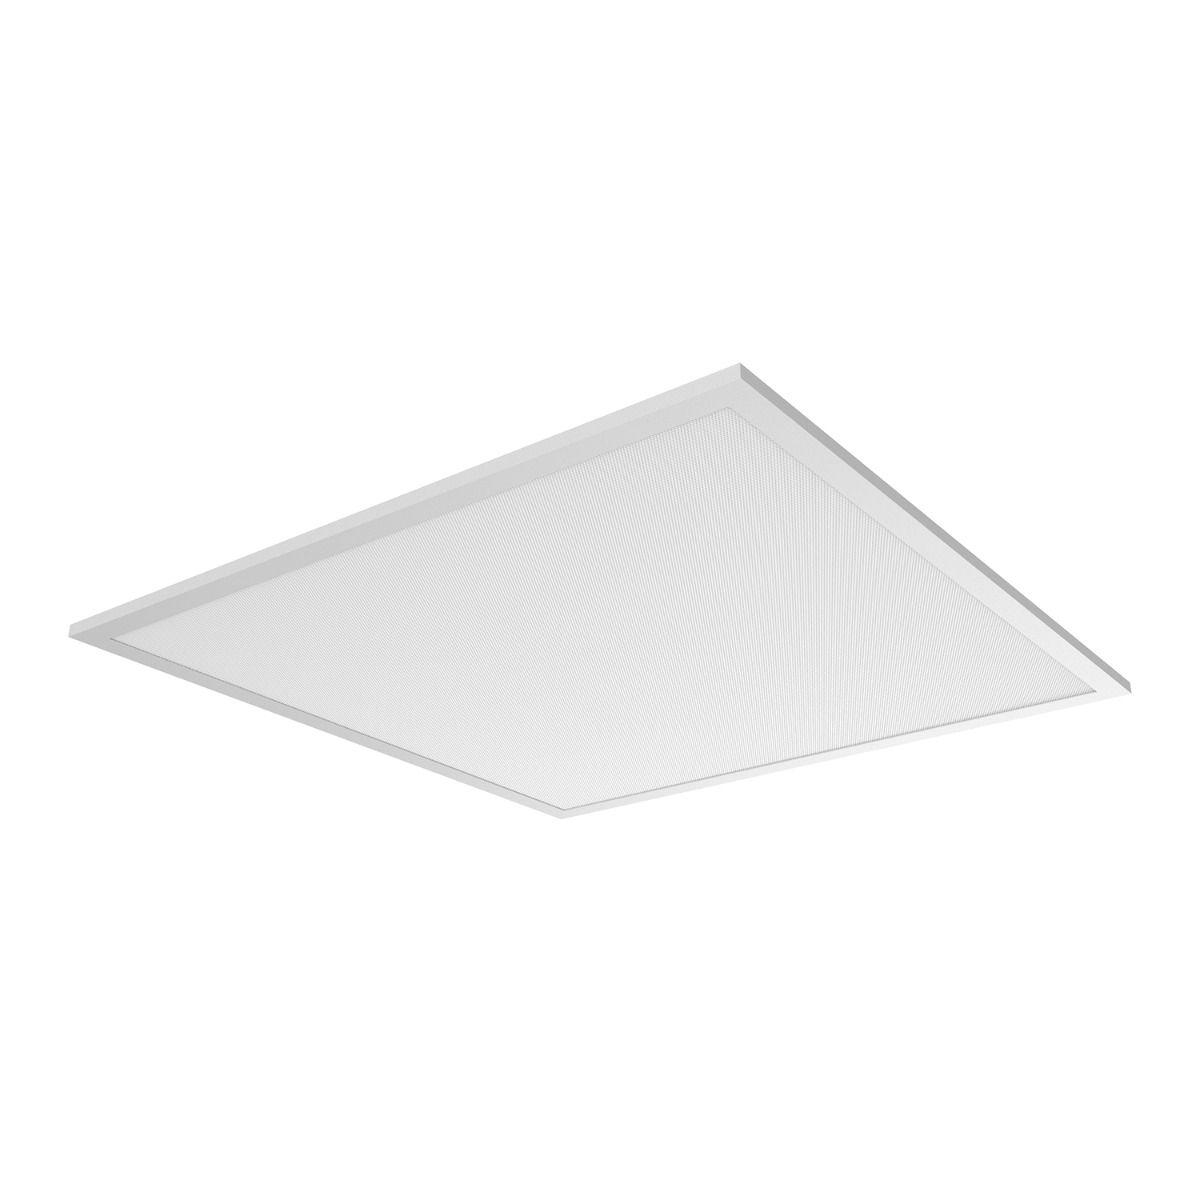 Noxion LED Paneel Delta Pro V3 Highlum DALI 36W 4000K 5500lm 60x60cm UGR <19 | Koel Wit - Vervangt 4x18W